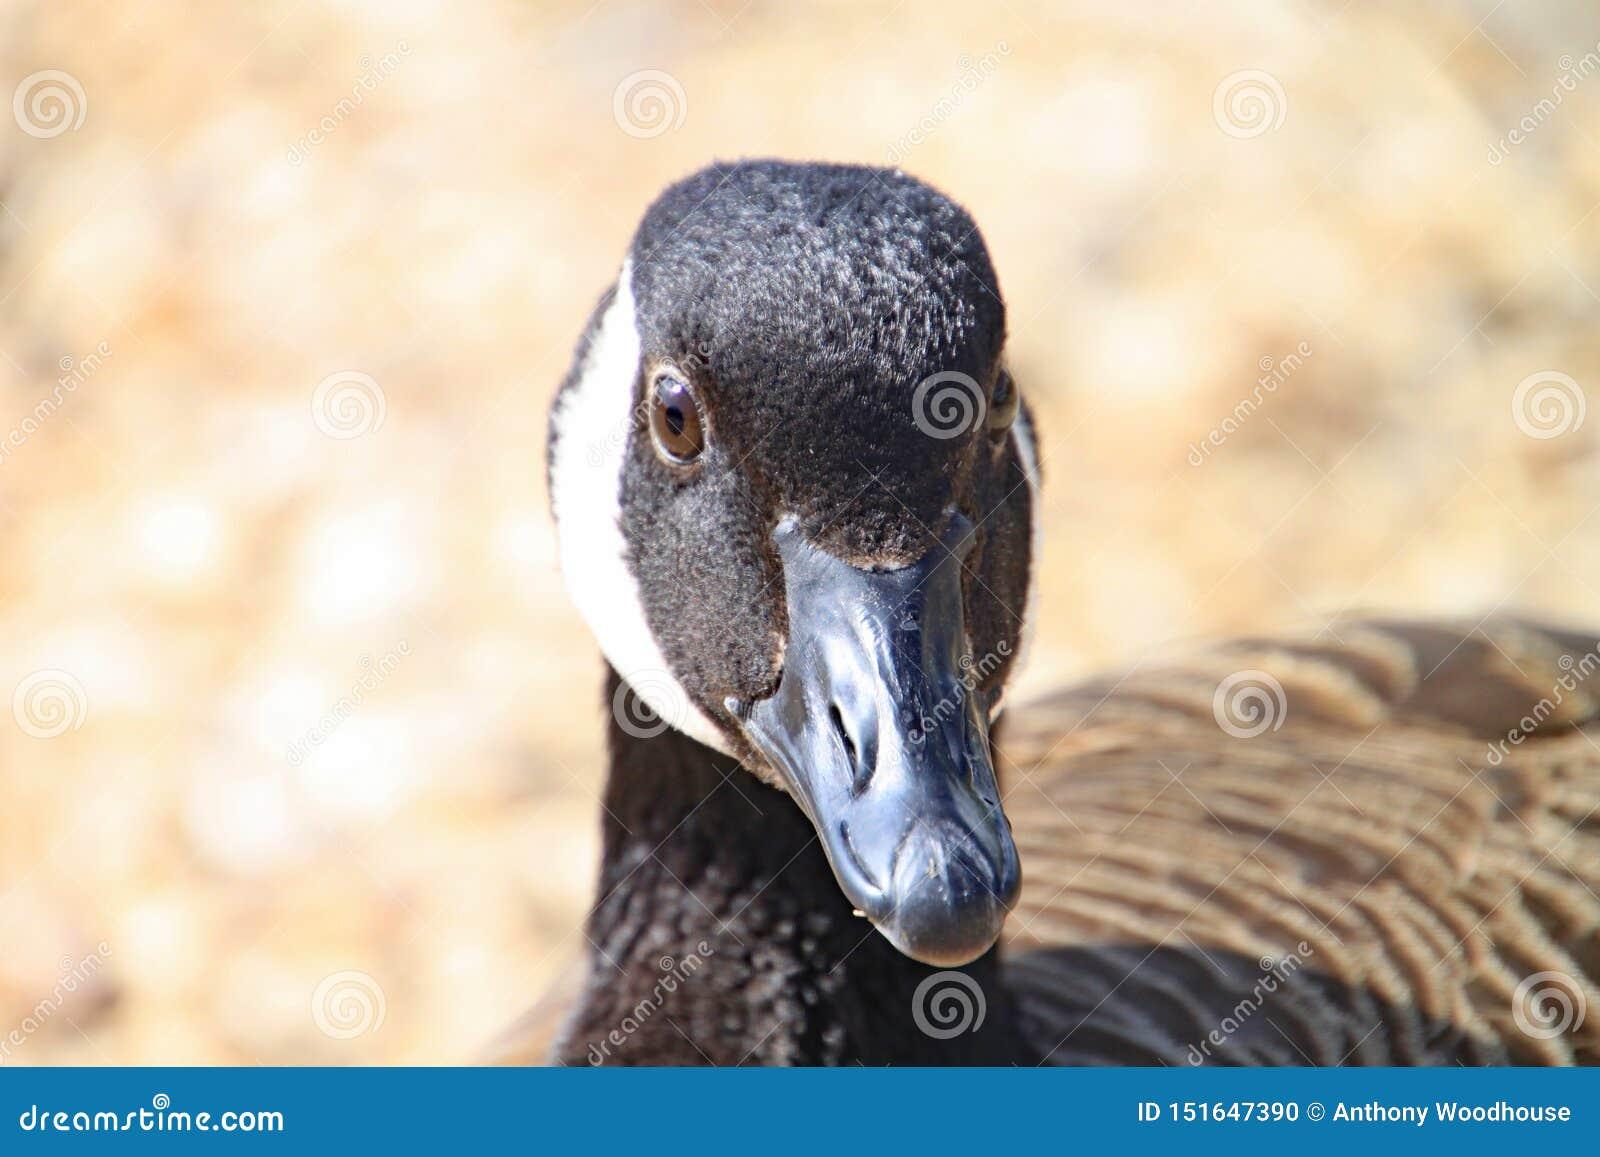 Stäng sig upp av det svartvita huvudet av en and